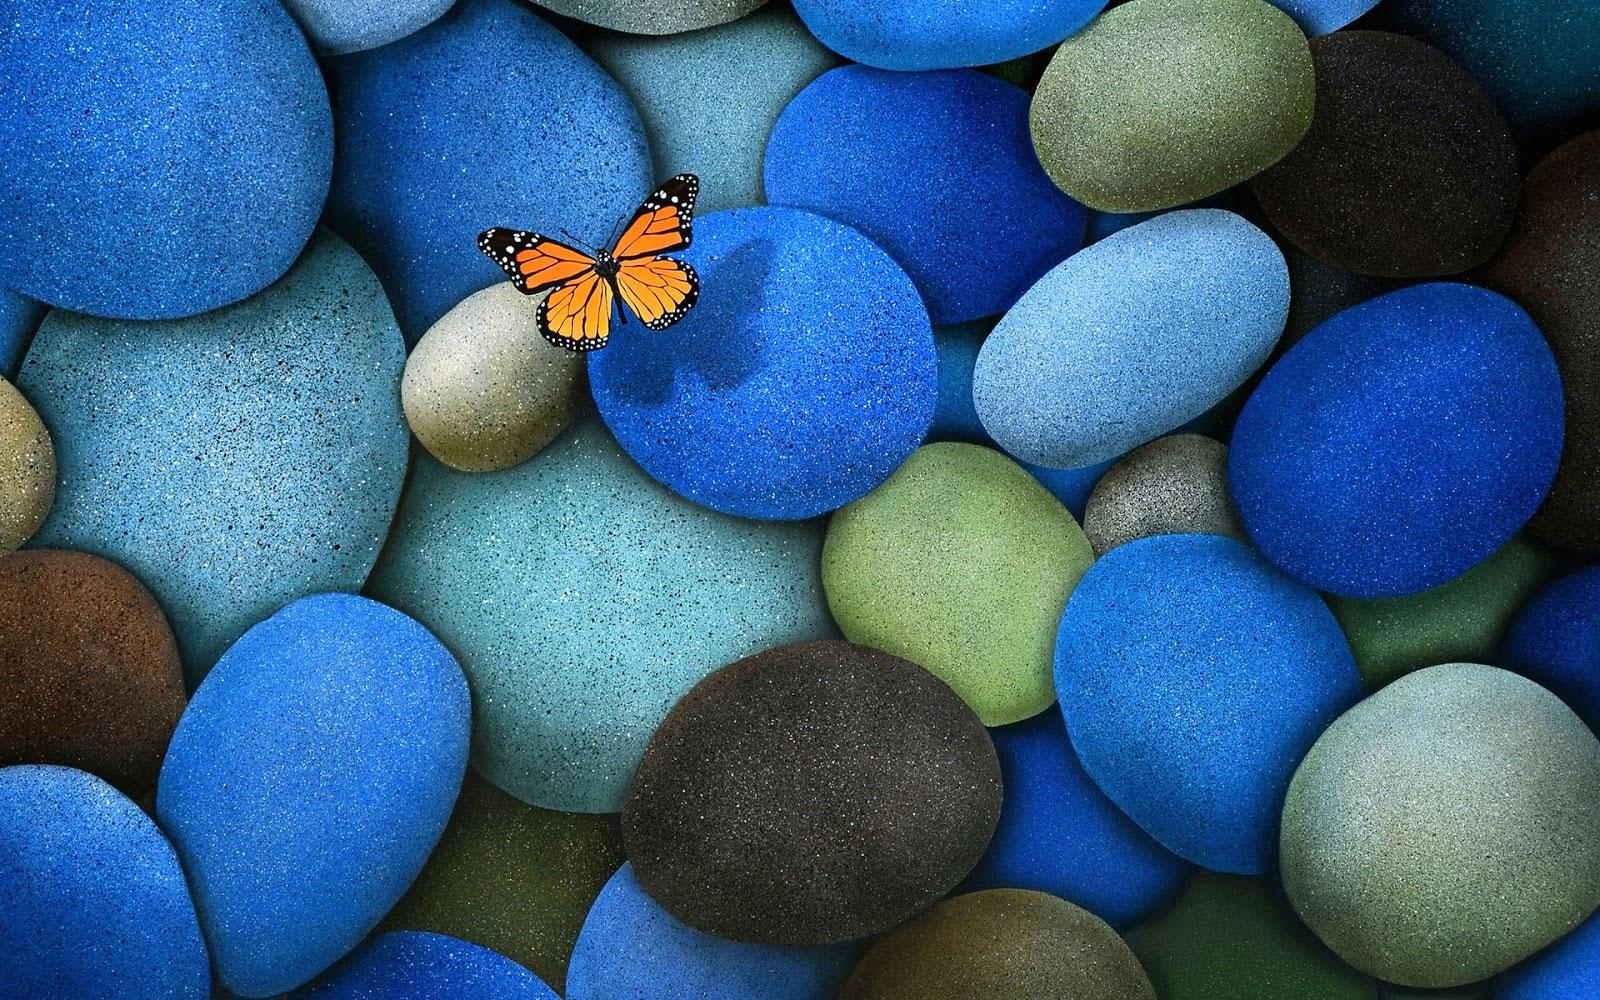 Hình nền đá nhiều màu cho máy tính đẹp nhất